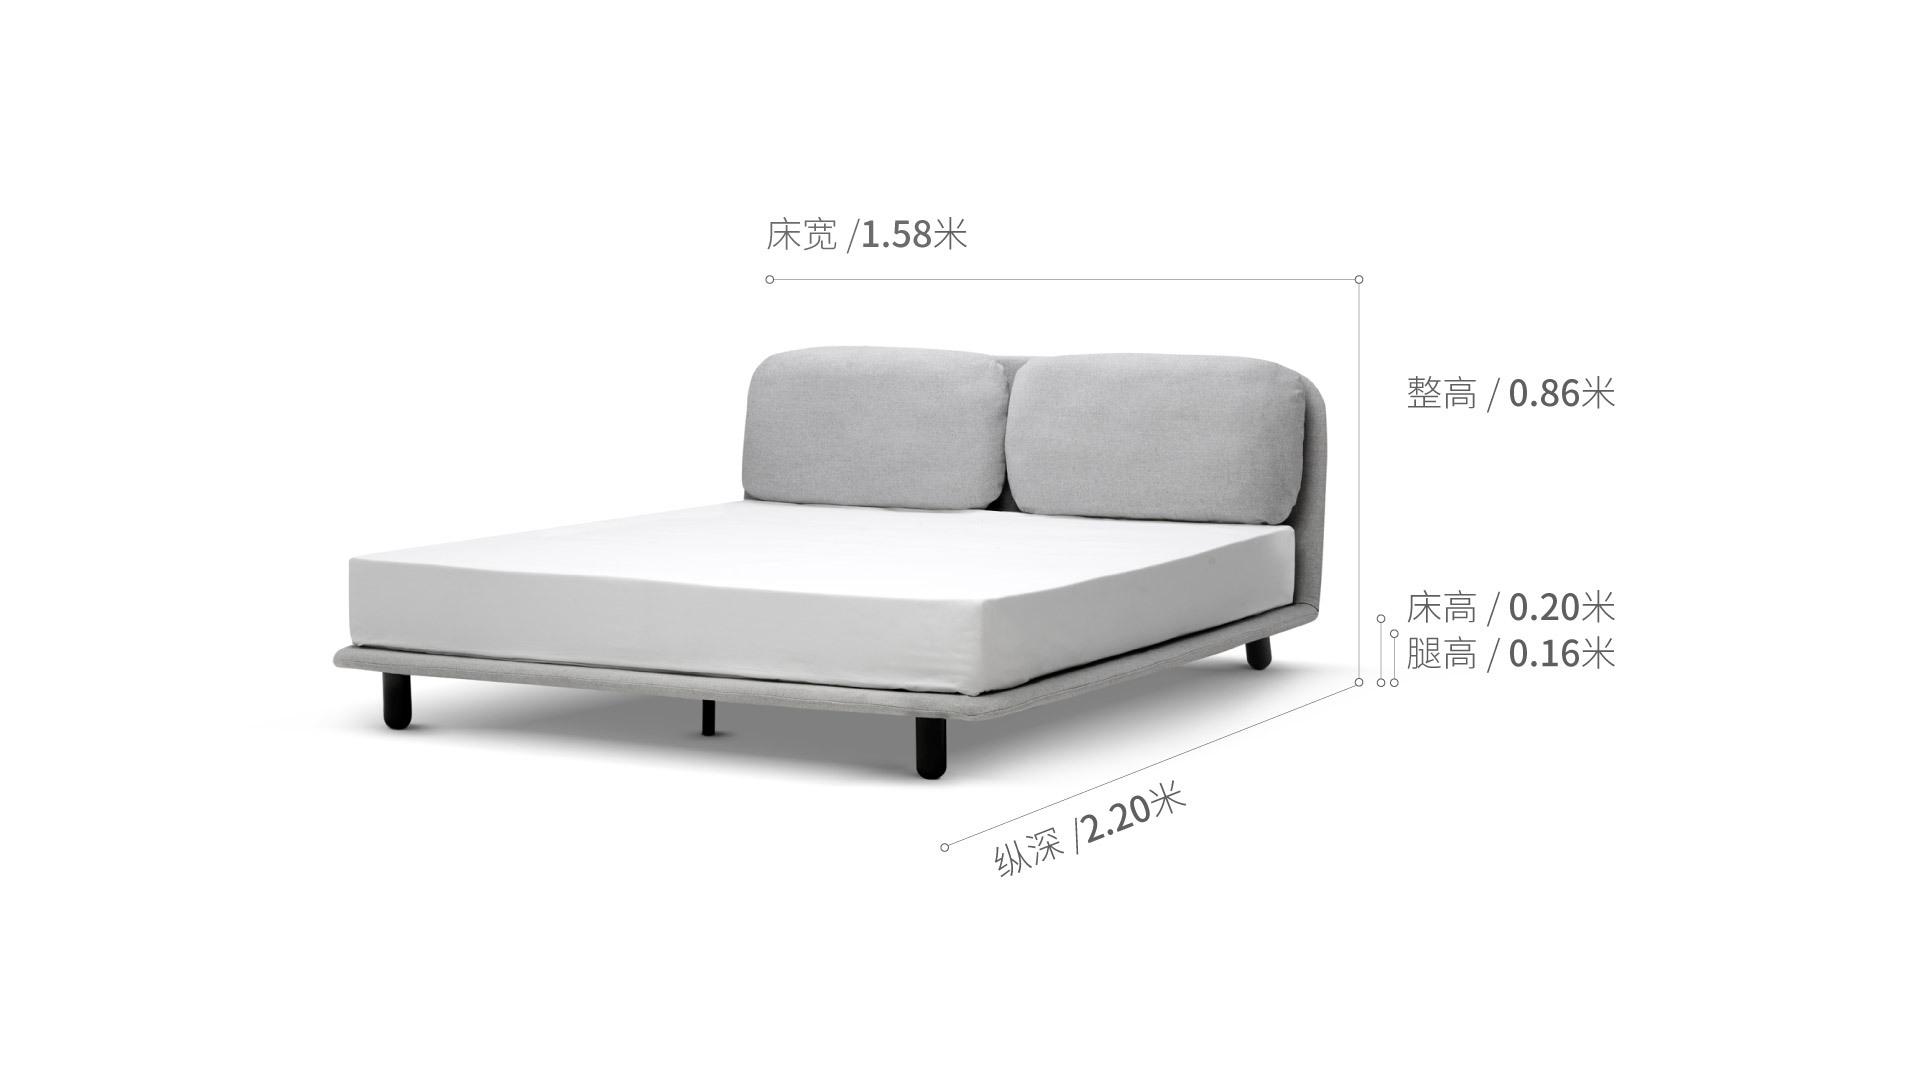 云团床®1.5米款床·床具效果图